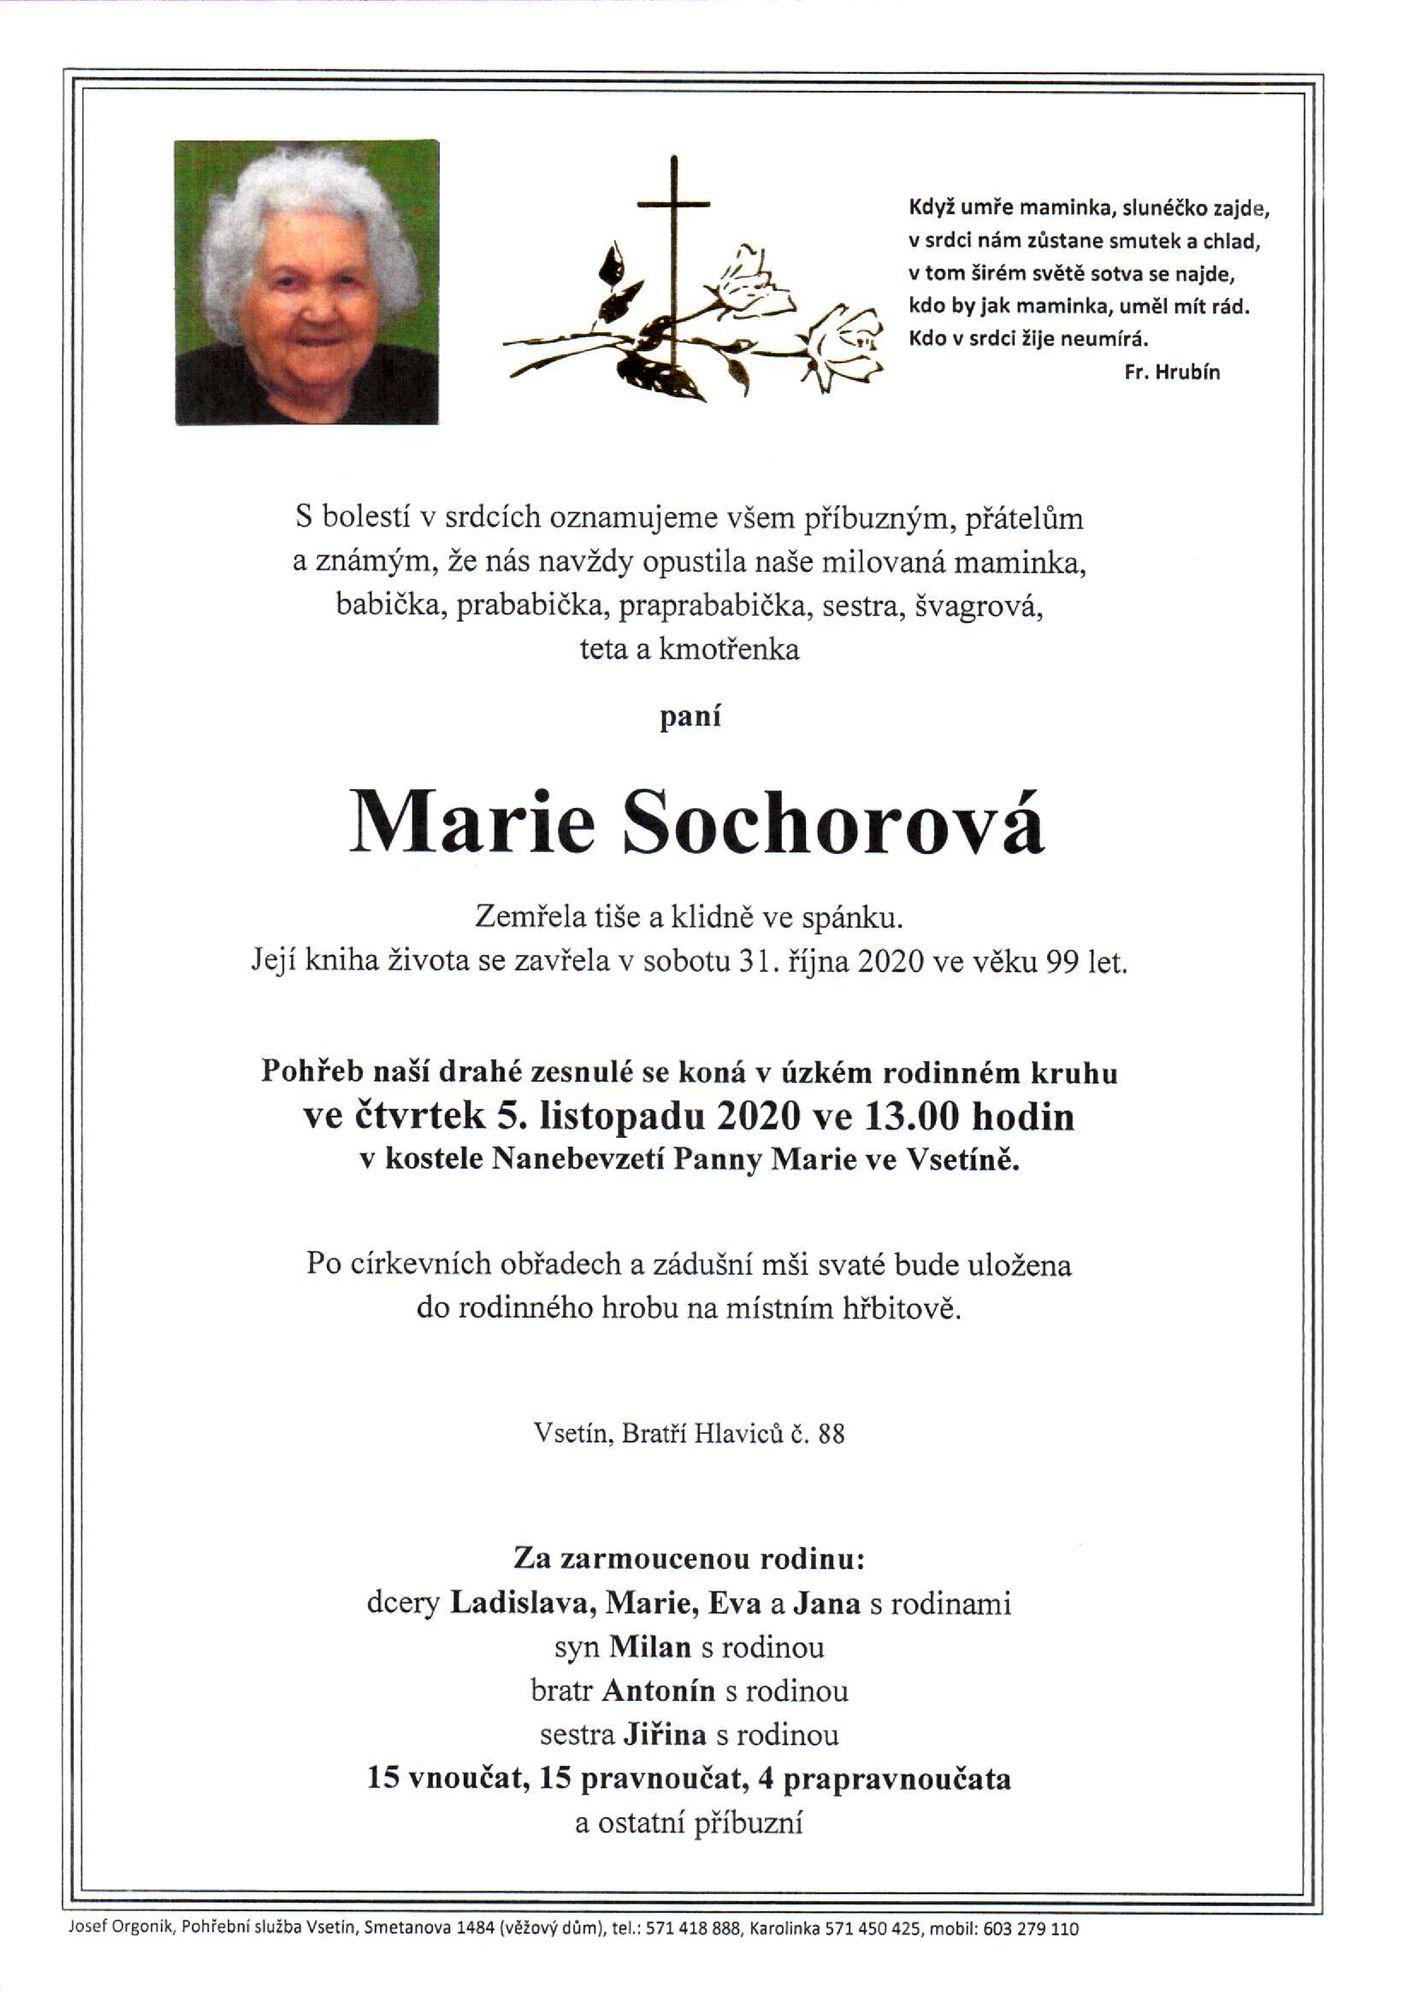 Marie Sochorová